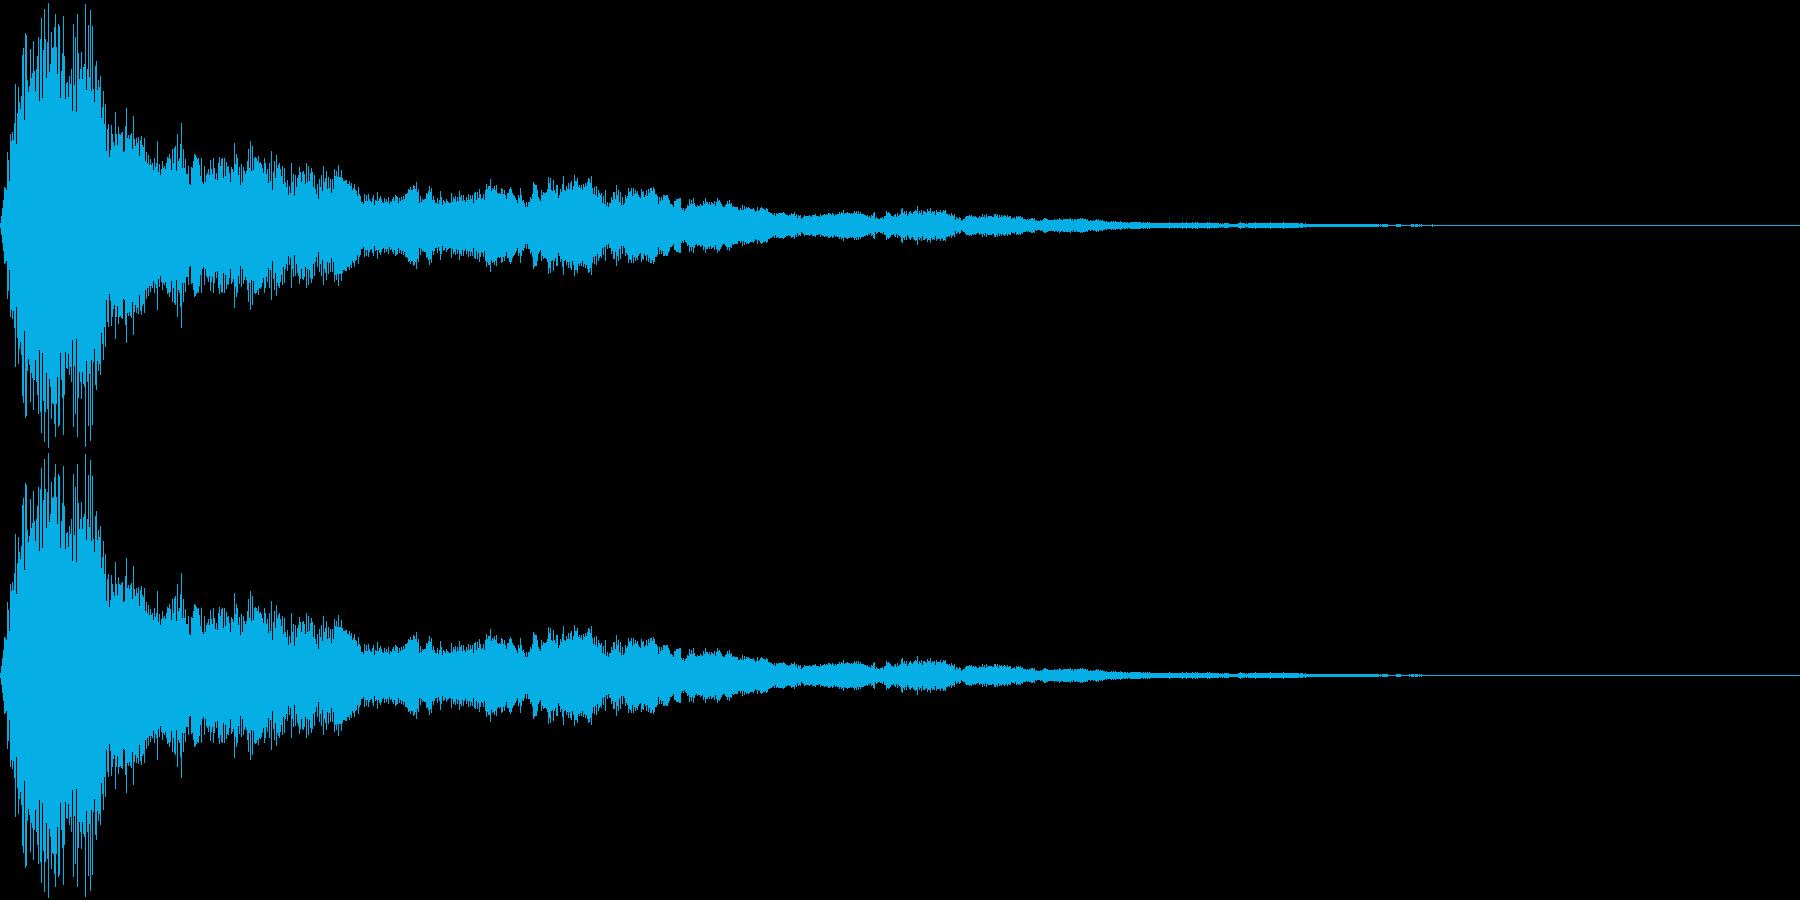 鈴をイメージしたアラーム音の再生済みの波形